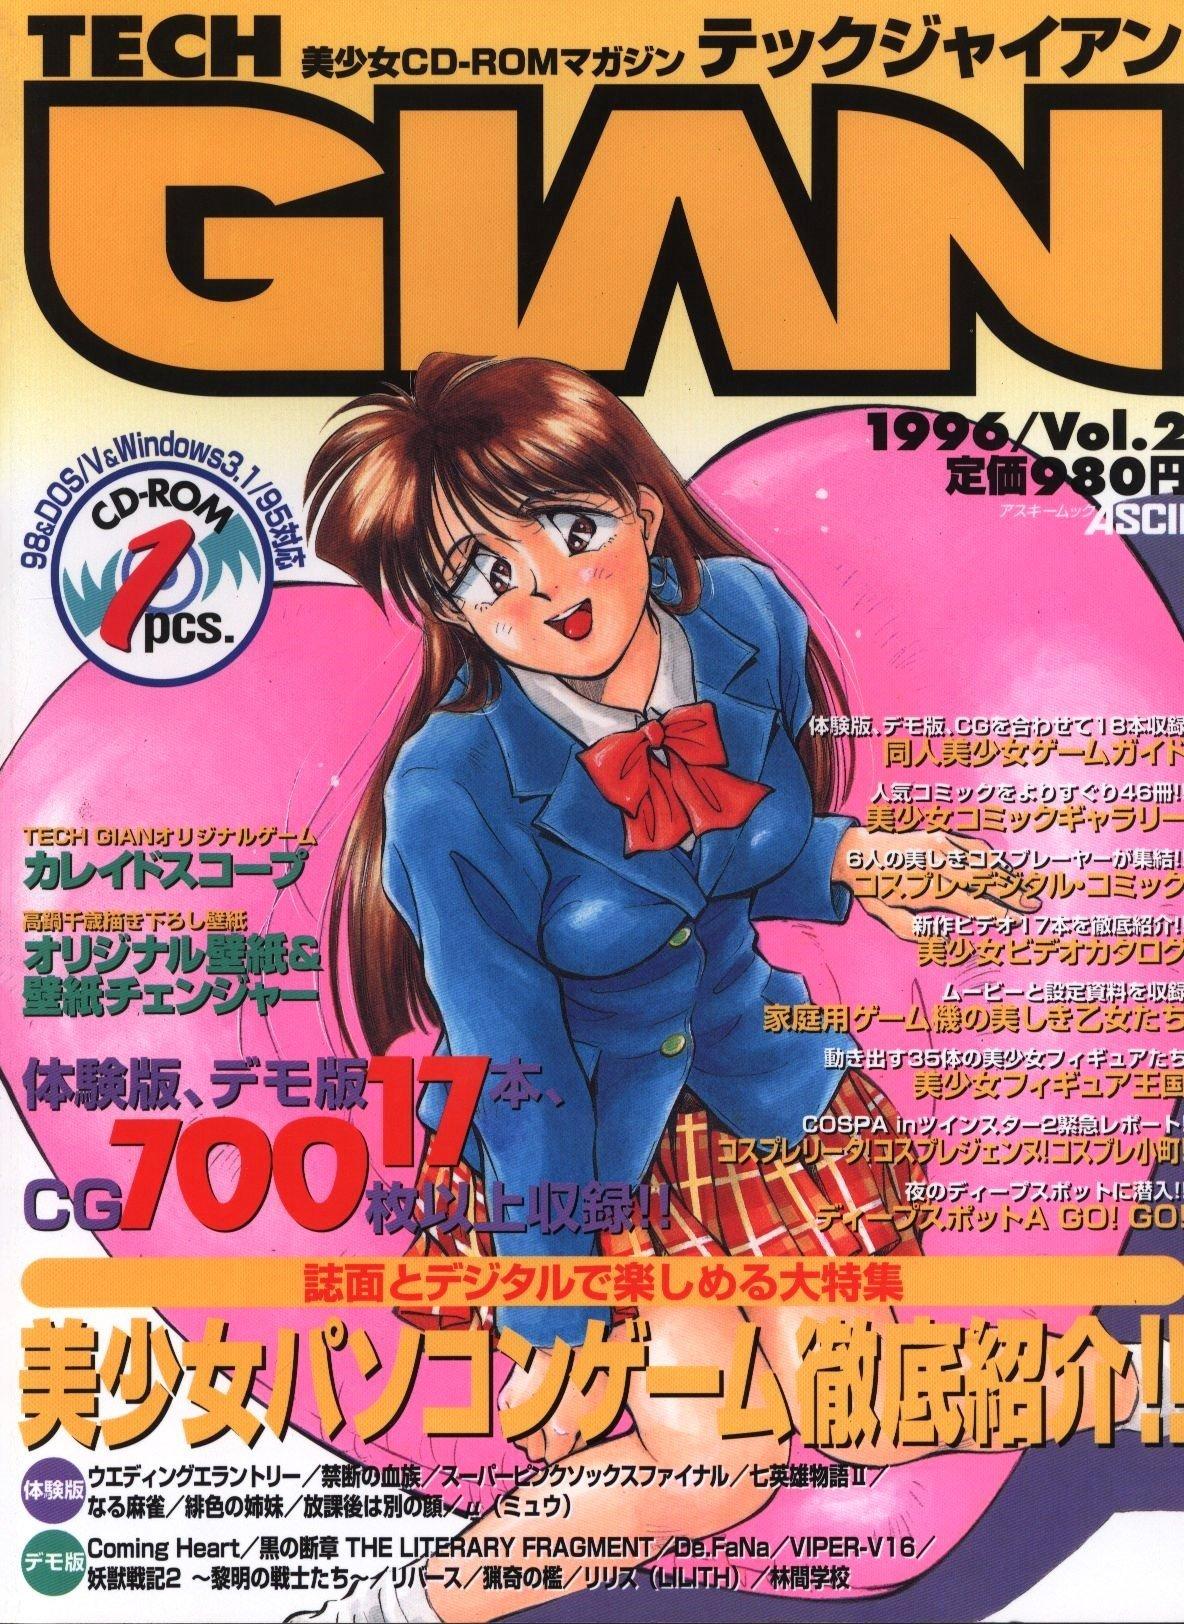 Tech Gian Vol.2 (January 1996)